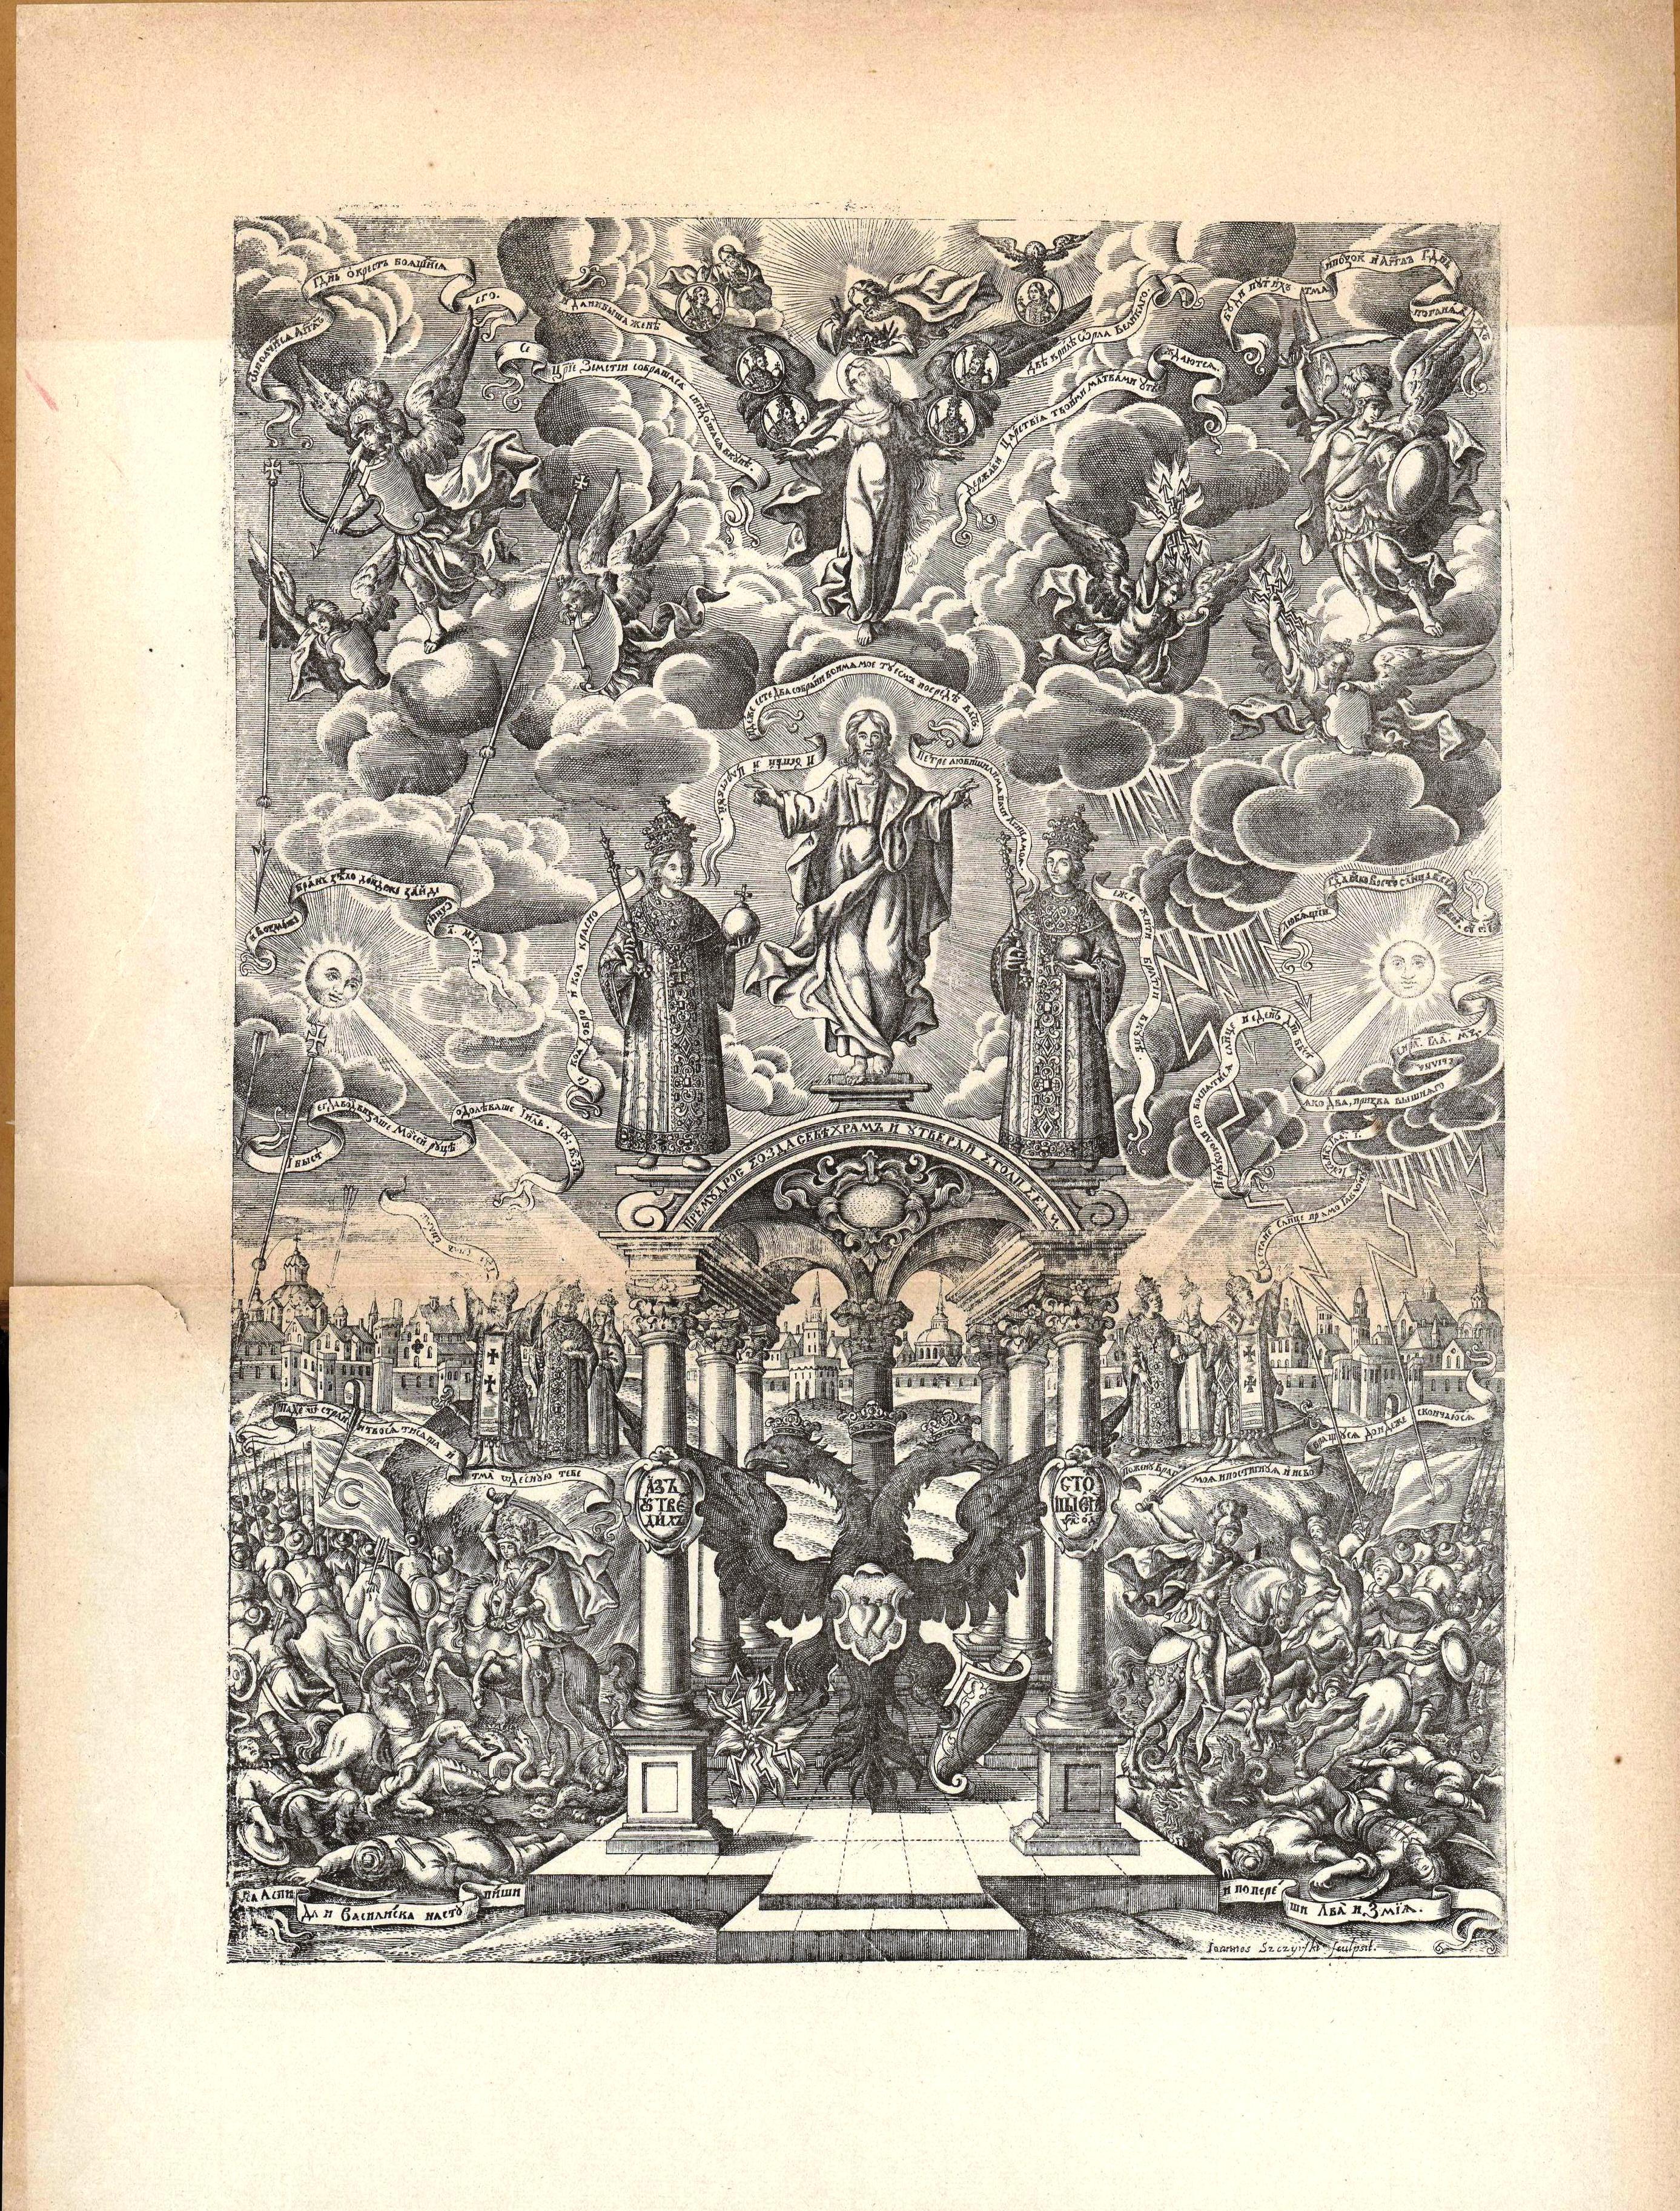 3. Картина, приложенная к книге: Благодать и Истина 1683 года, с изображением Софьи и царей Петра и Иоанна